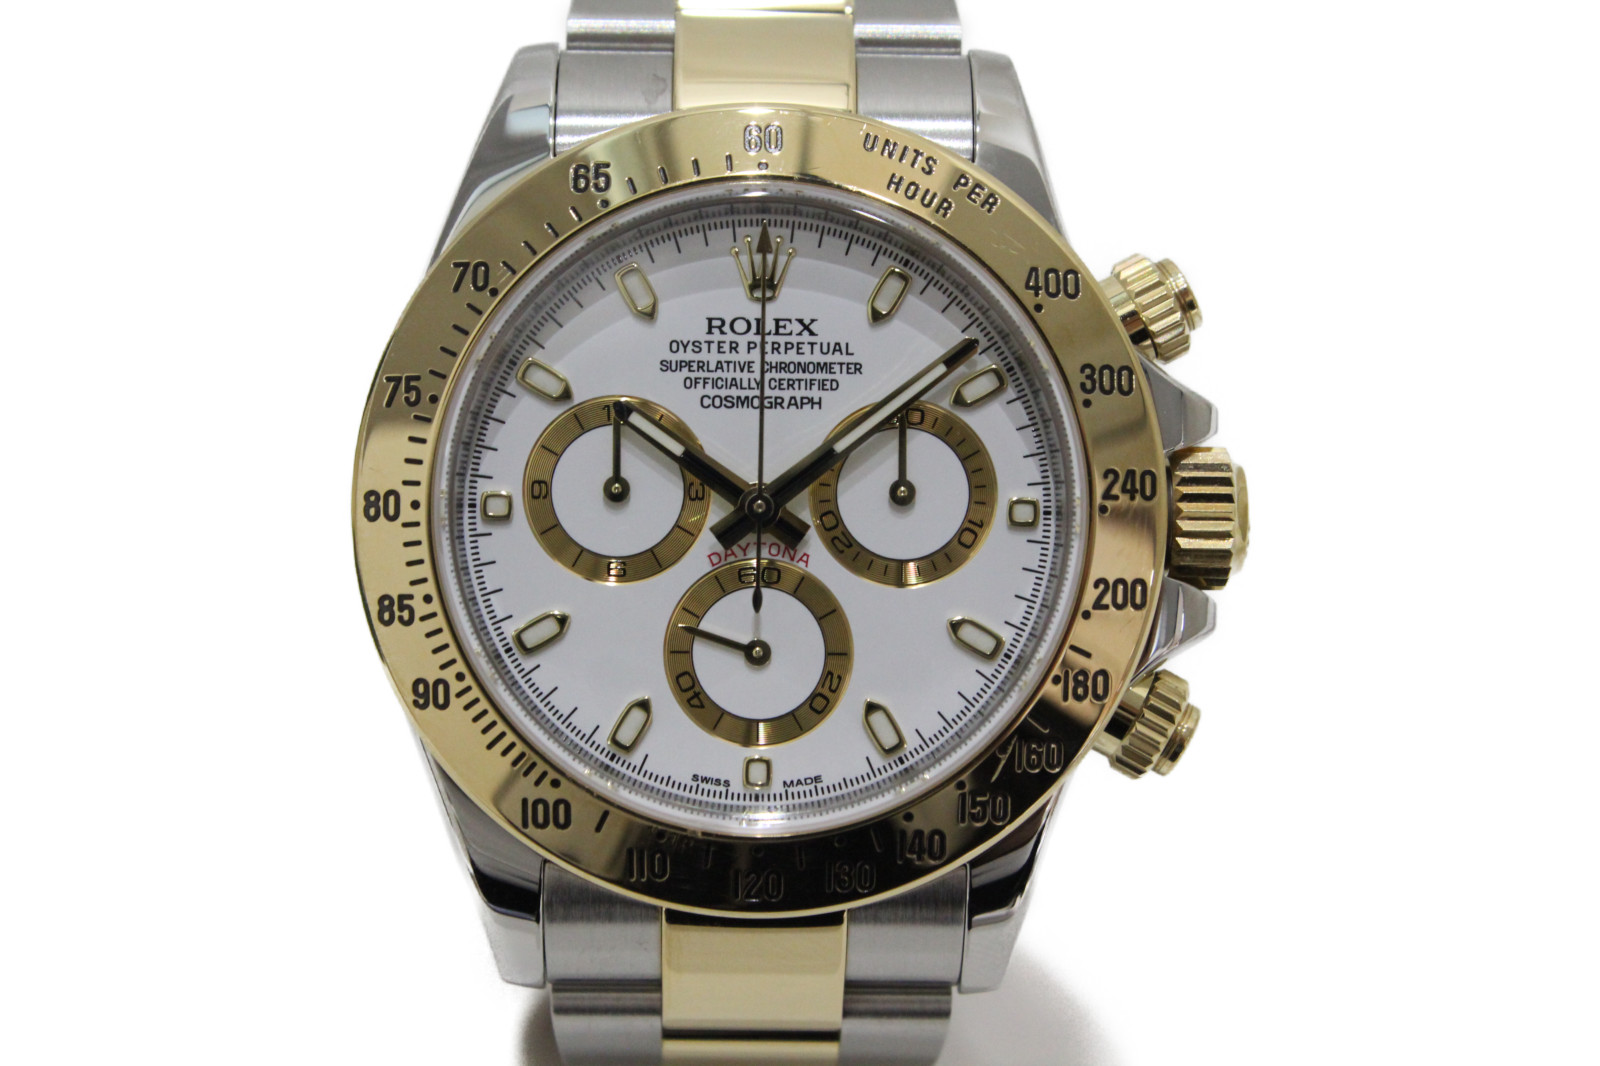 【OH済】ROLEX ロレックス デイトナ 116523 自動巻き クロノグラフ K18 イエローゴールド SS ステンレススチール コンビ ホワイト メンズ 腕時計【中古】